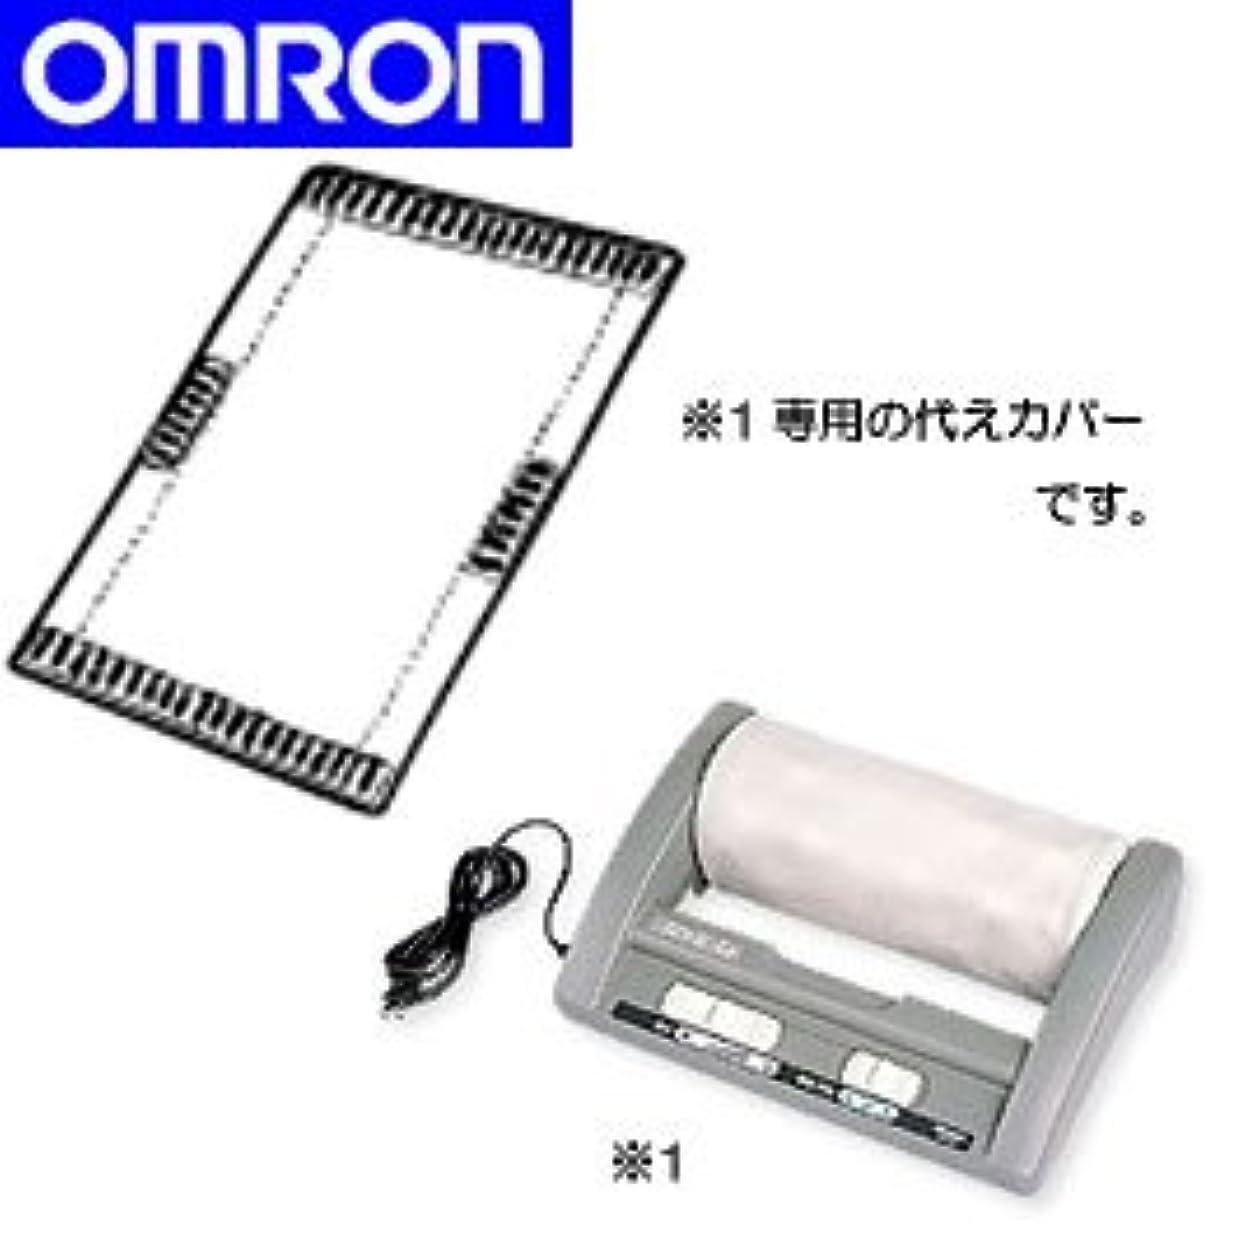 ステッチボトル噛むオムロン HM-202専用オプションクロスHM-202-COVER